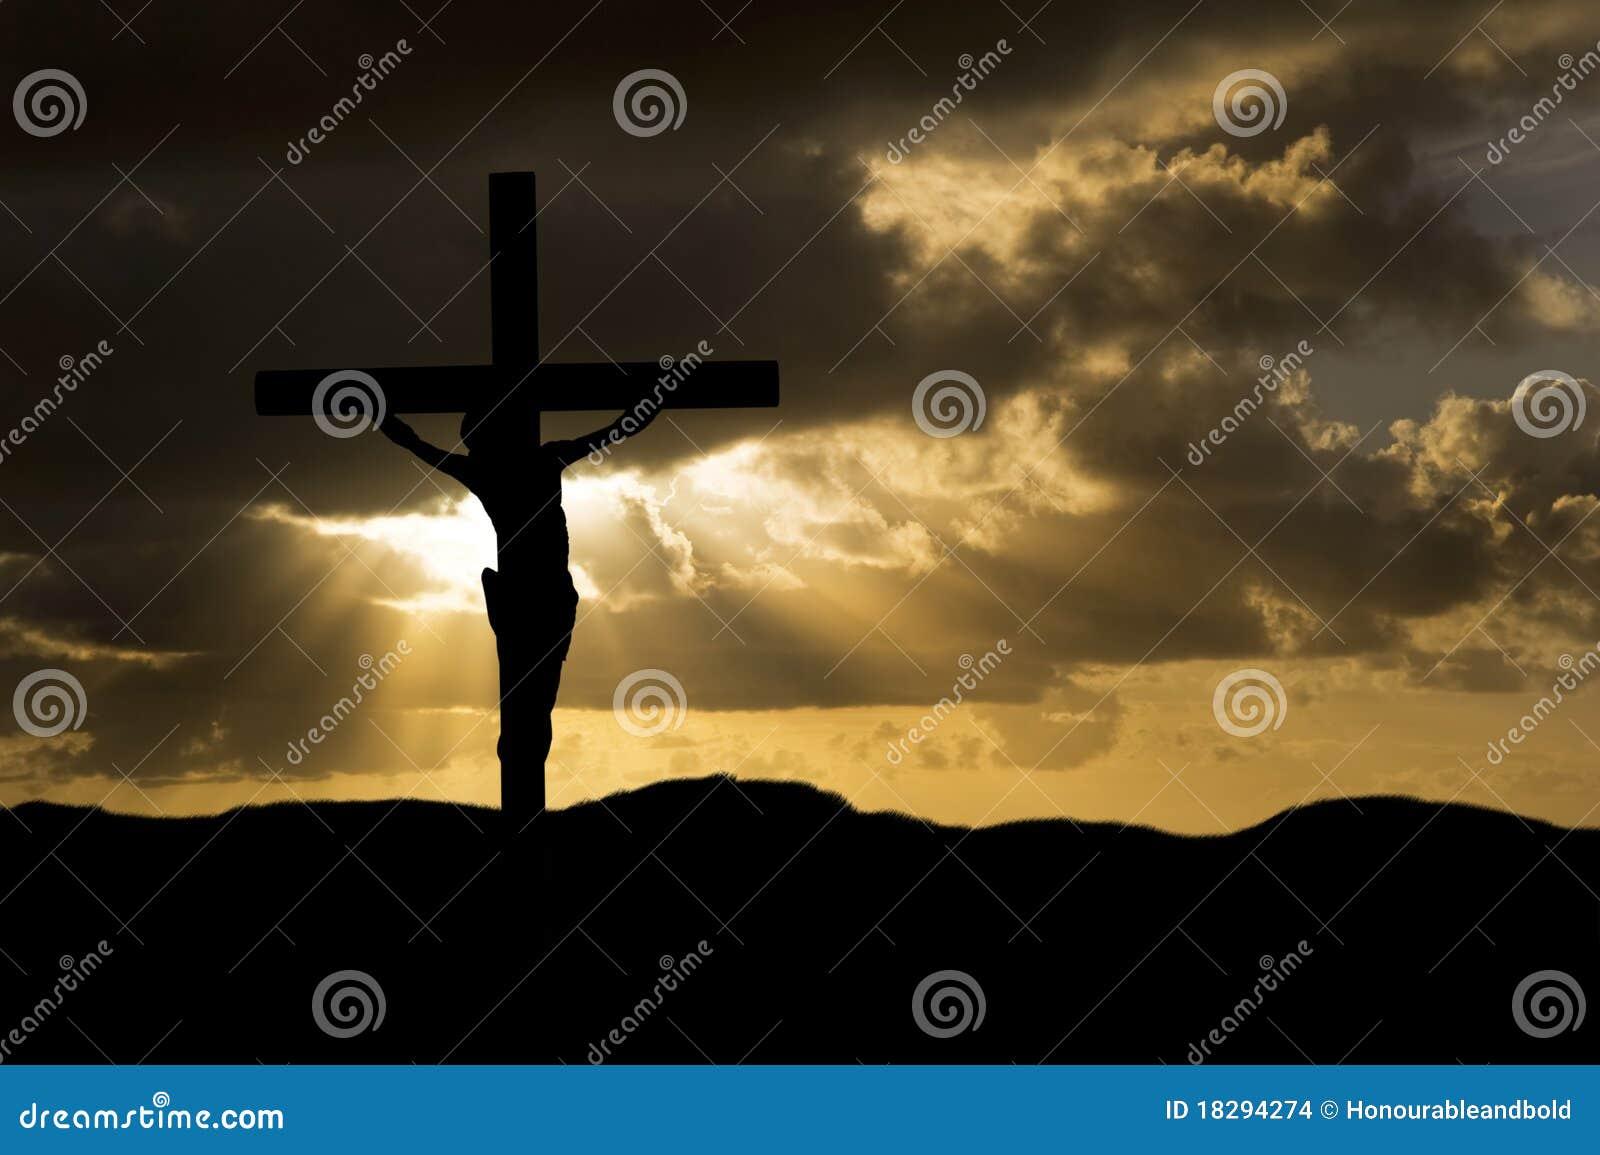 基督在十字架上钉死星期五好耶稣剪&#